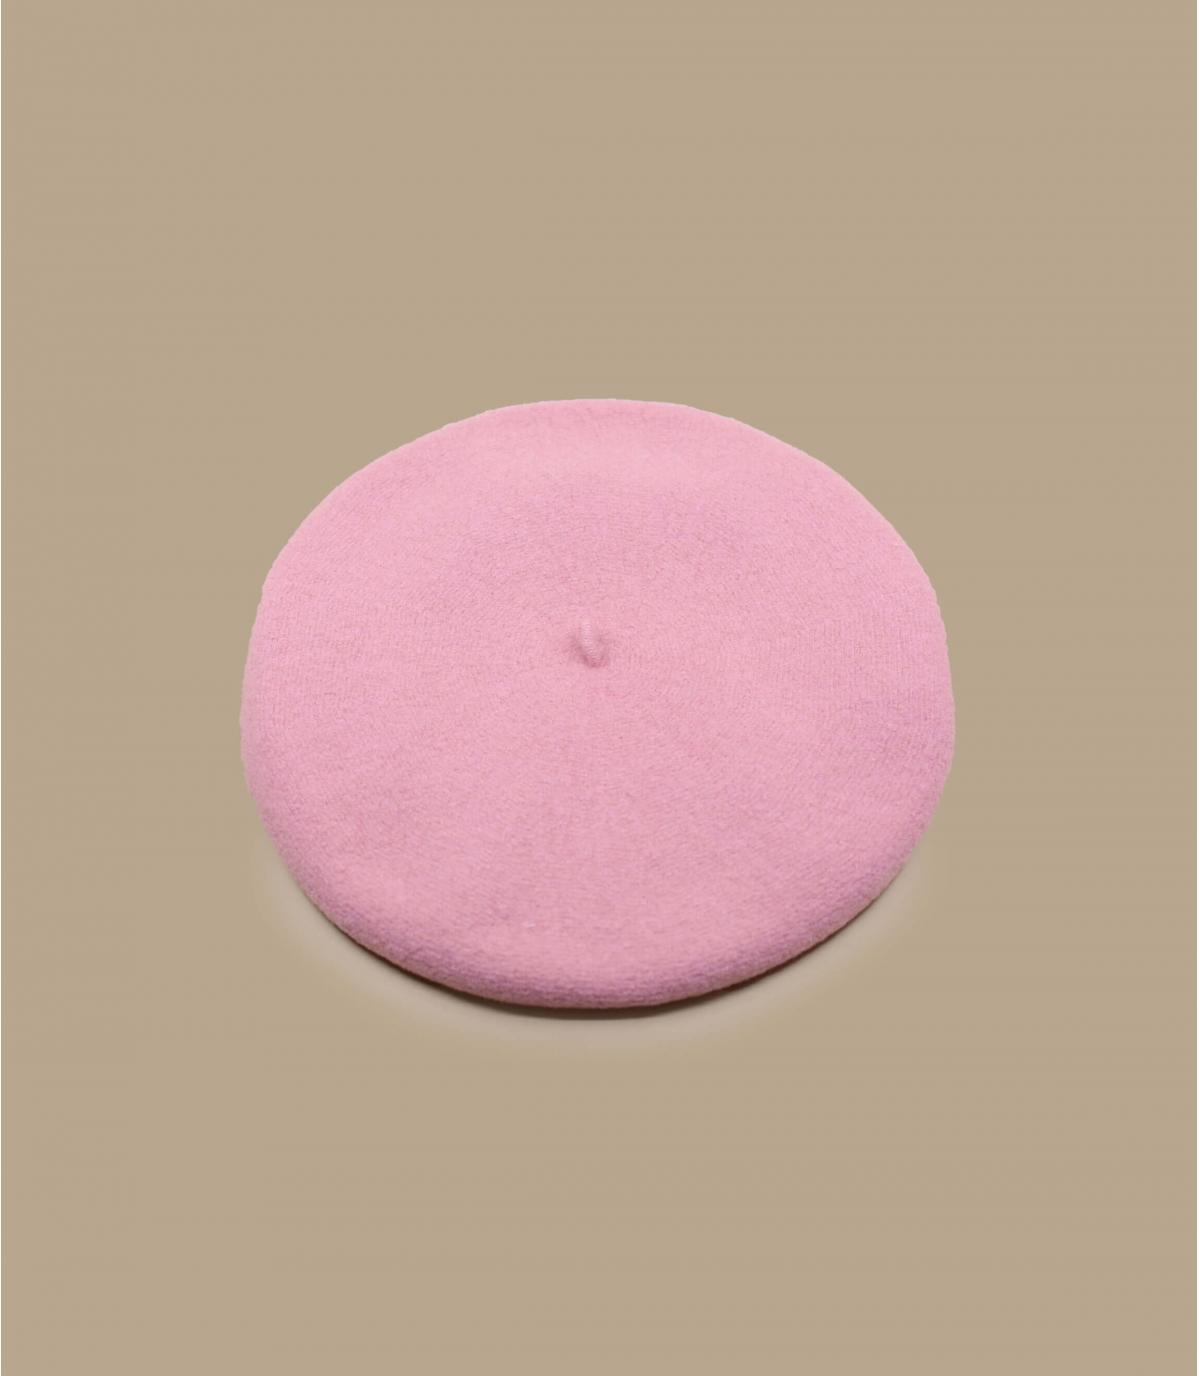 Detalles Authentique bubble gum imagen 2